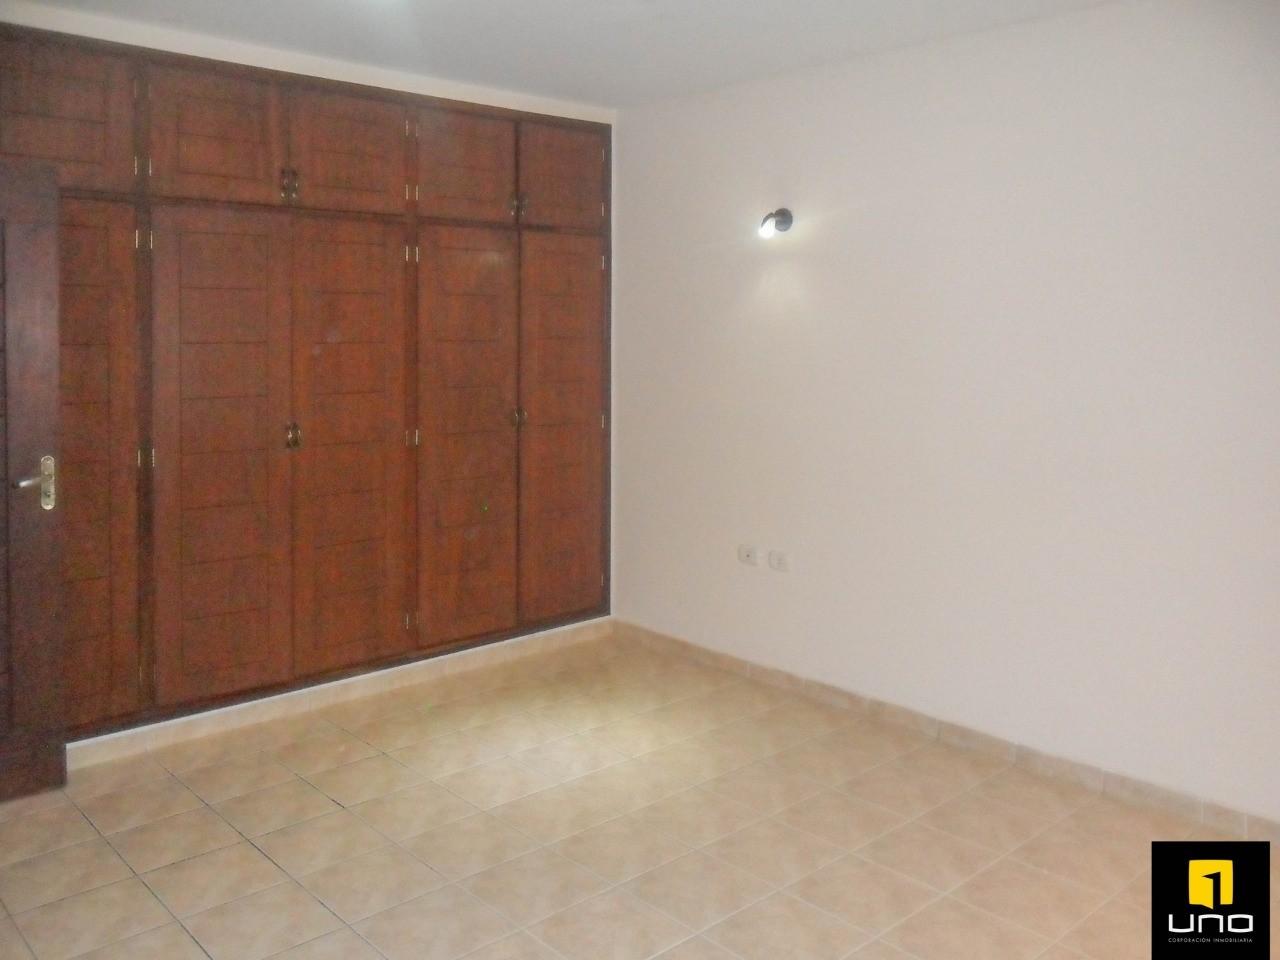 Casa en Alquiler ZONA OESTE, BARRIO LAS PALMAS Foto 10